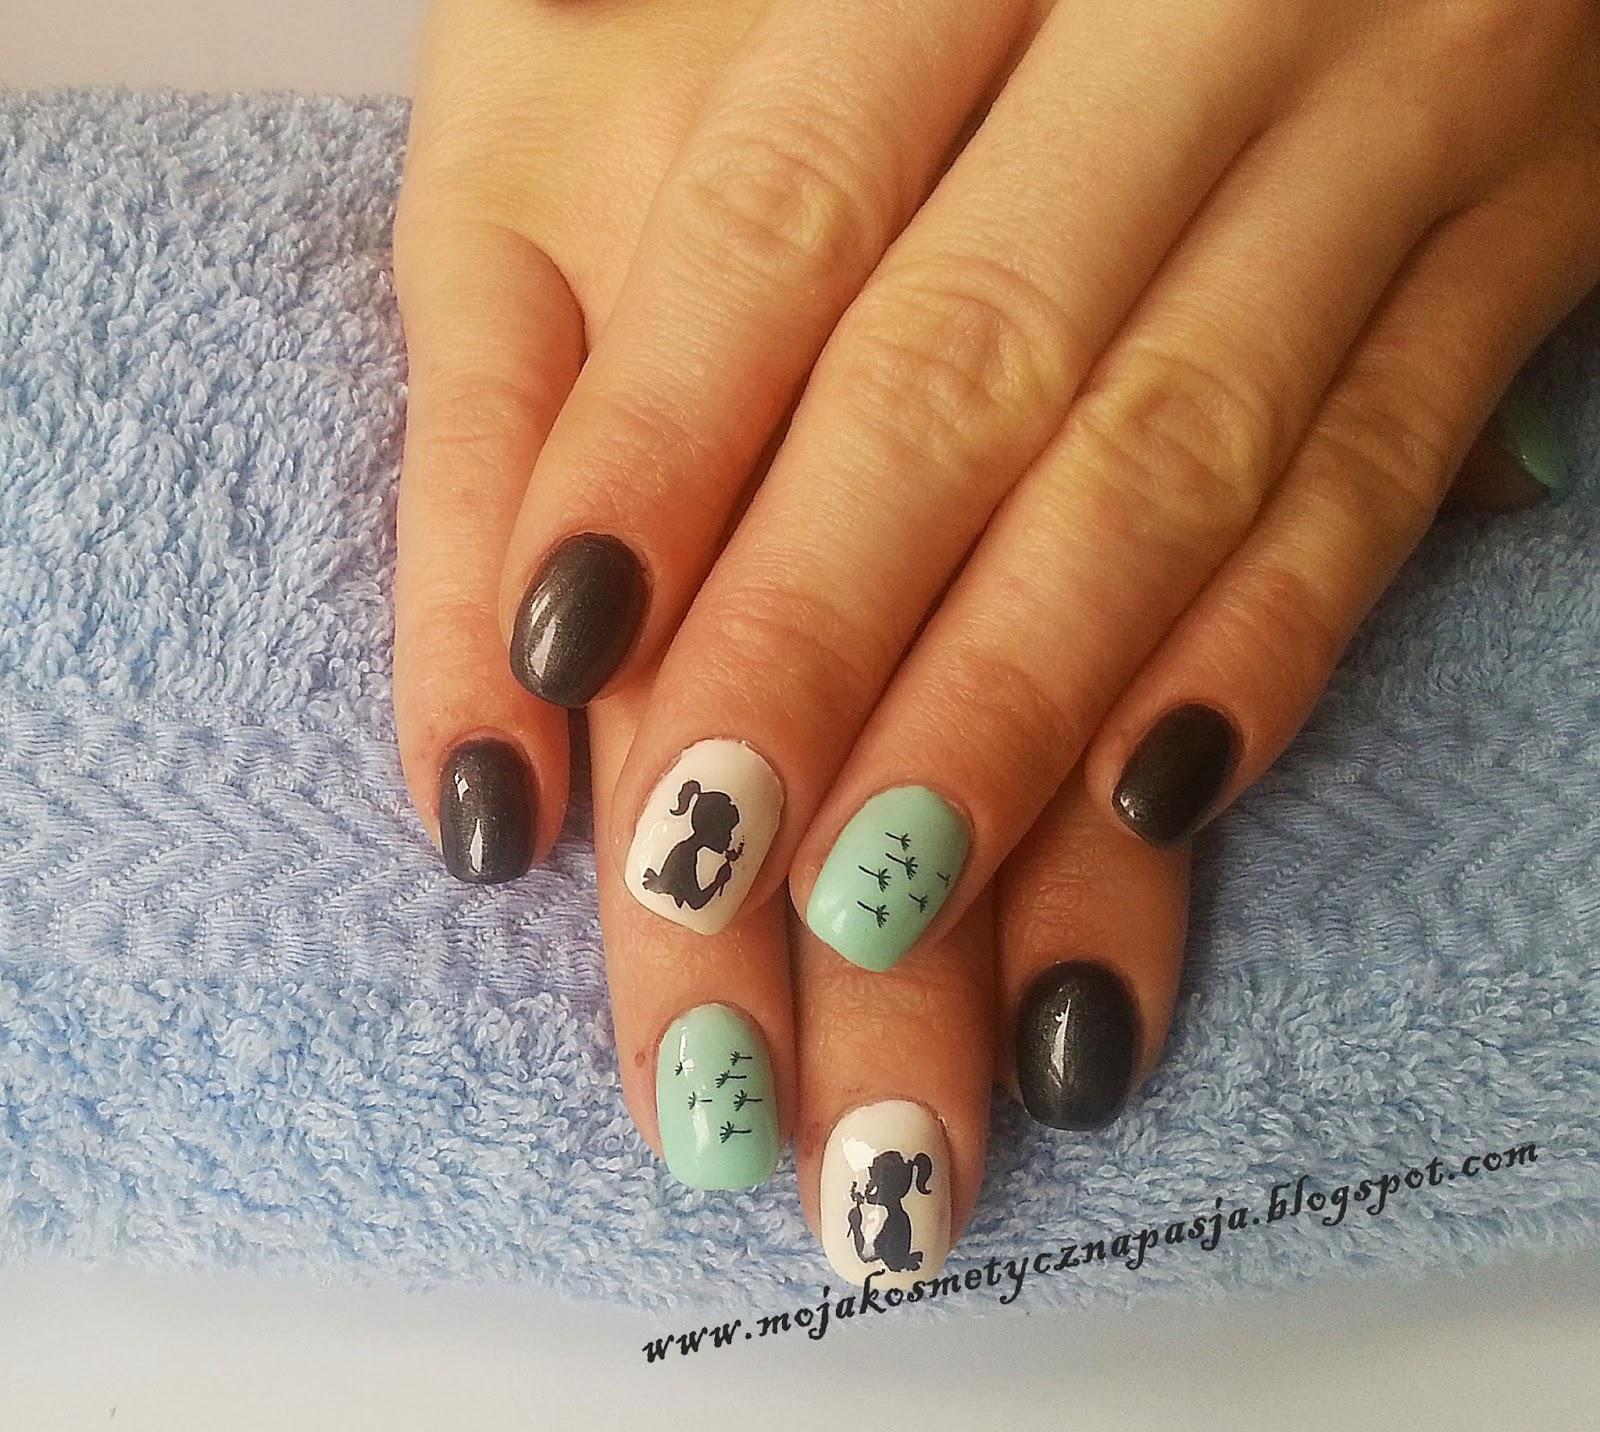 Paznokcie żelowe w kolorystyce czerni, bieli i mięty